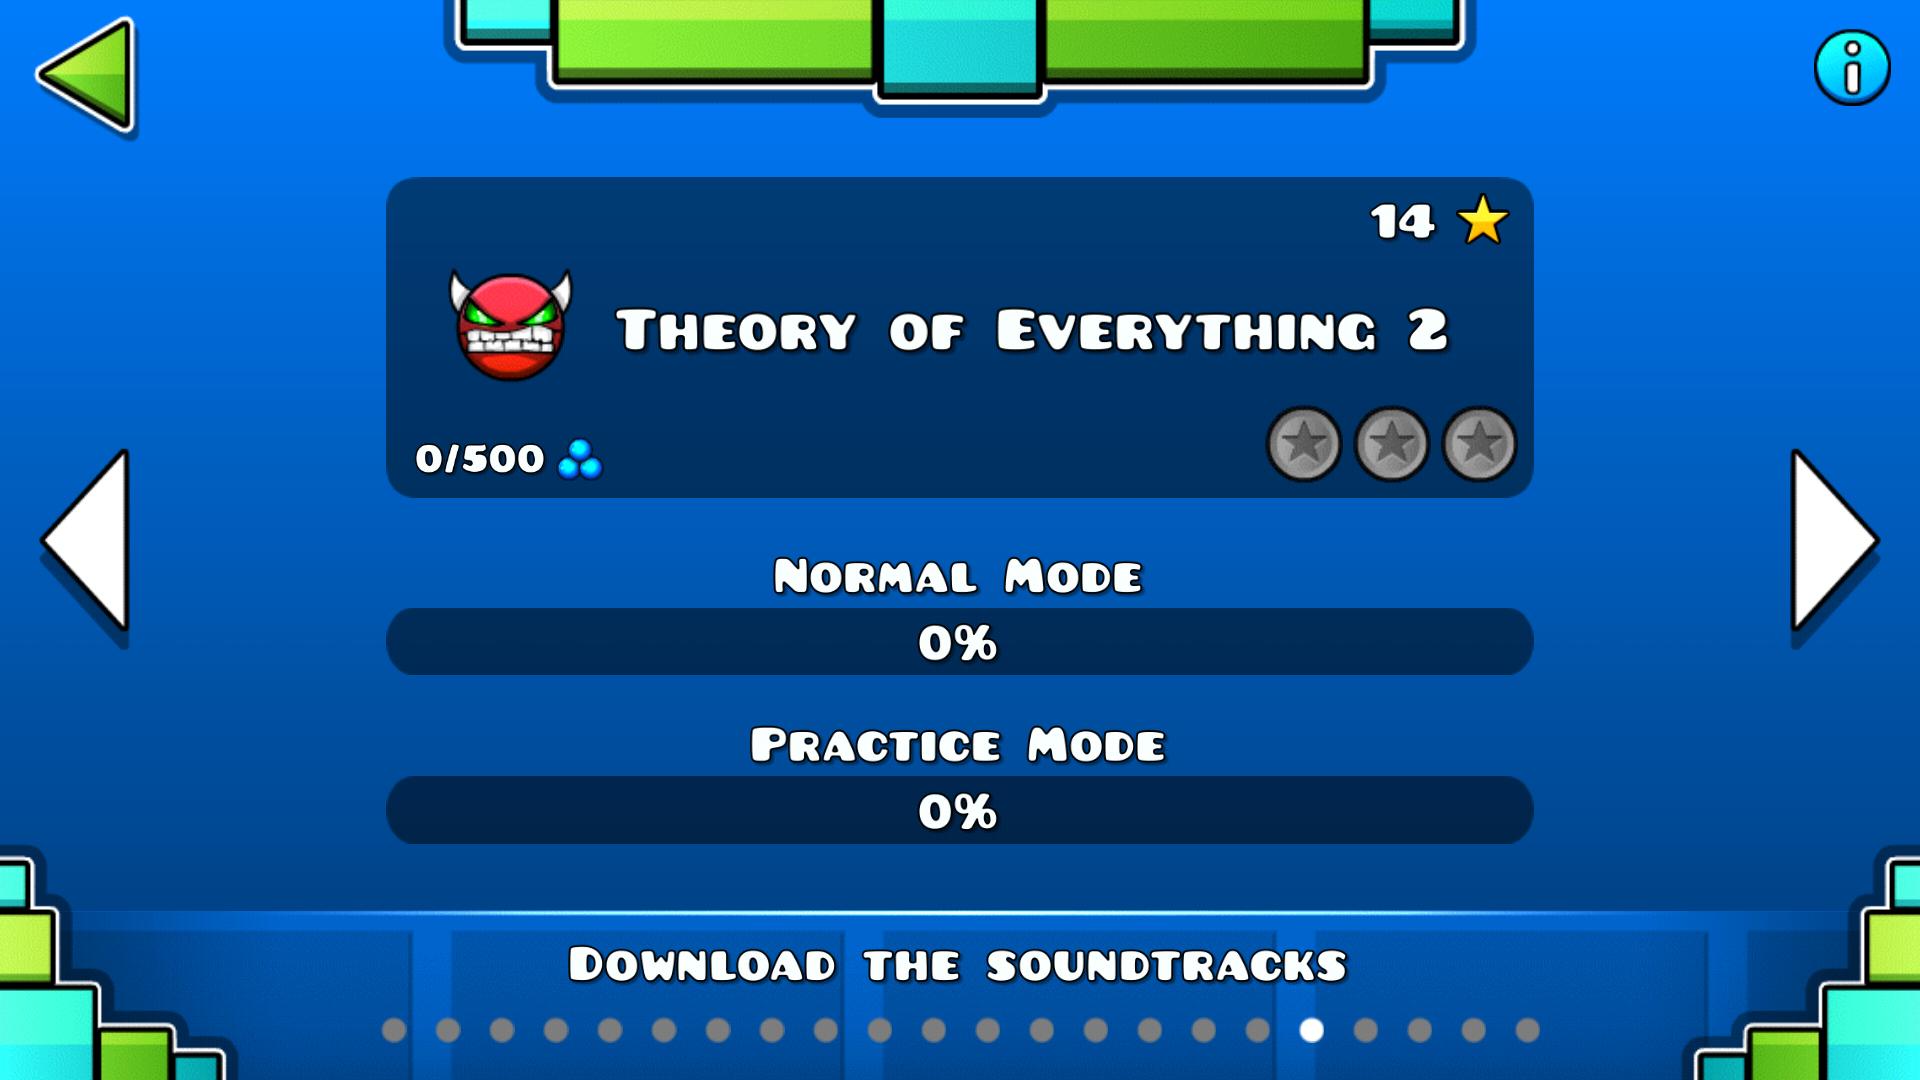 TheoryOfEverything2Menu.png